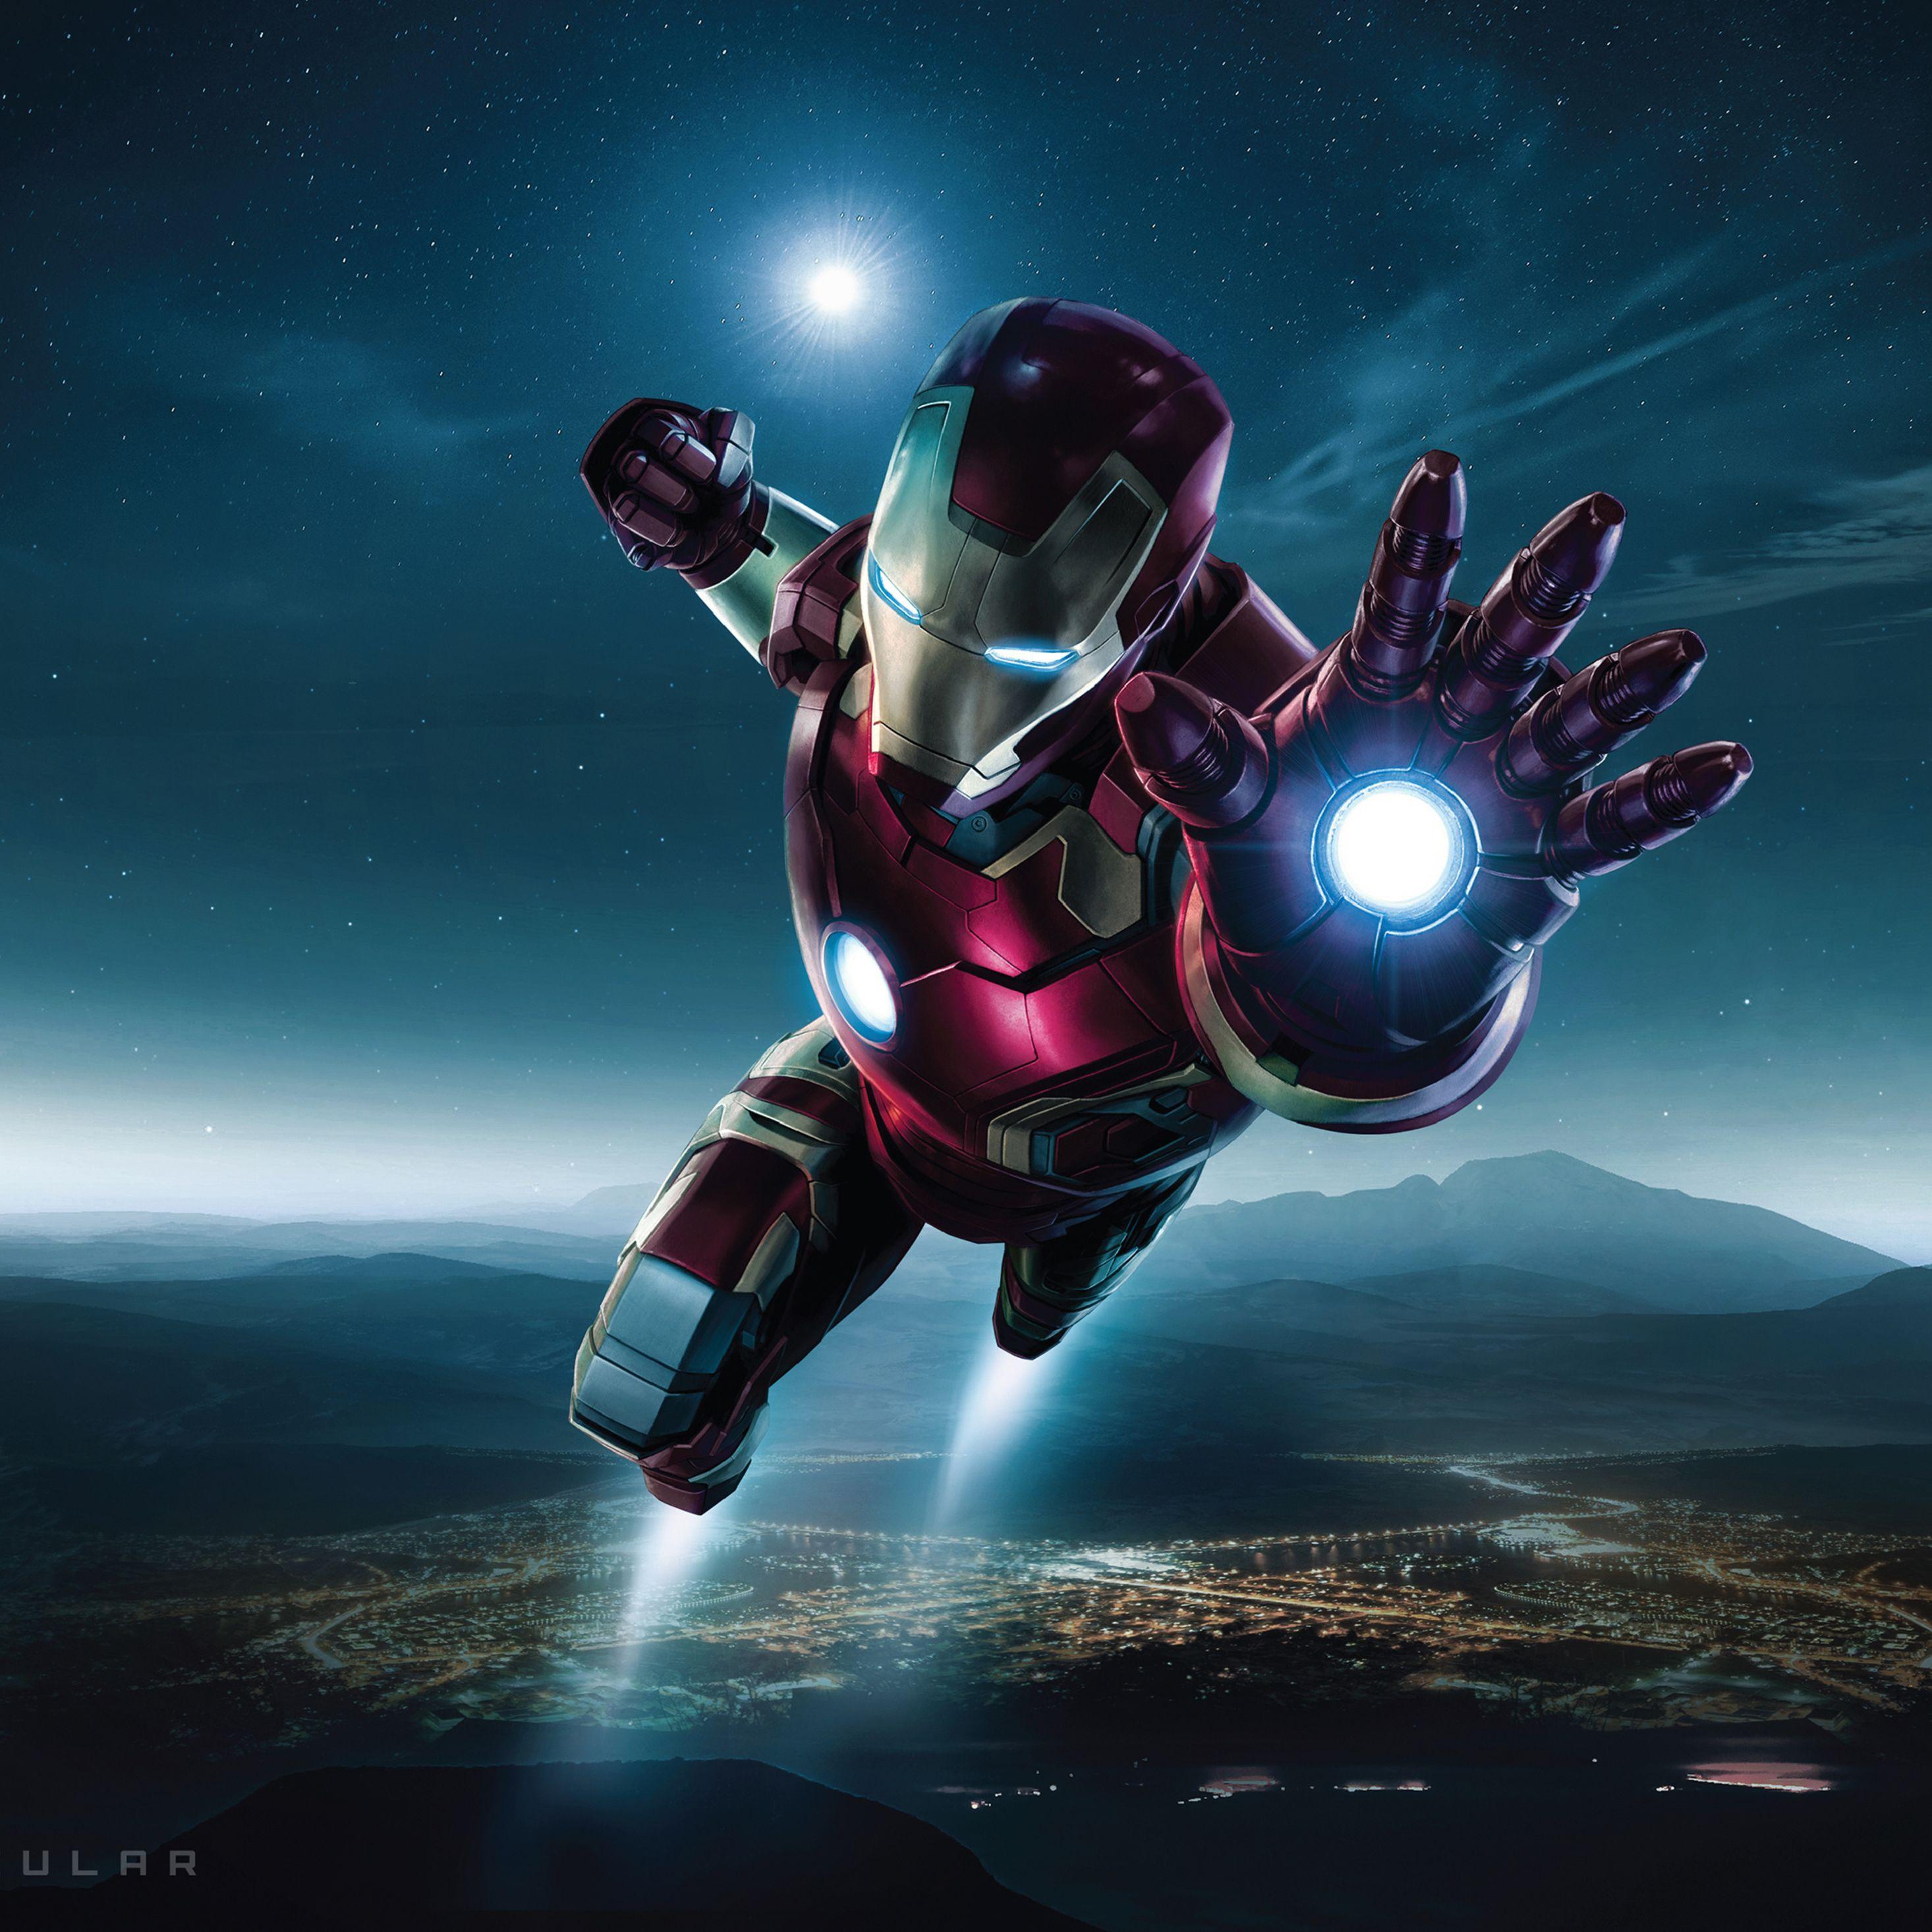 Free Iron Man Wallpaper